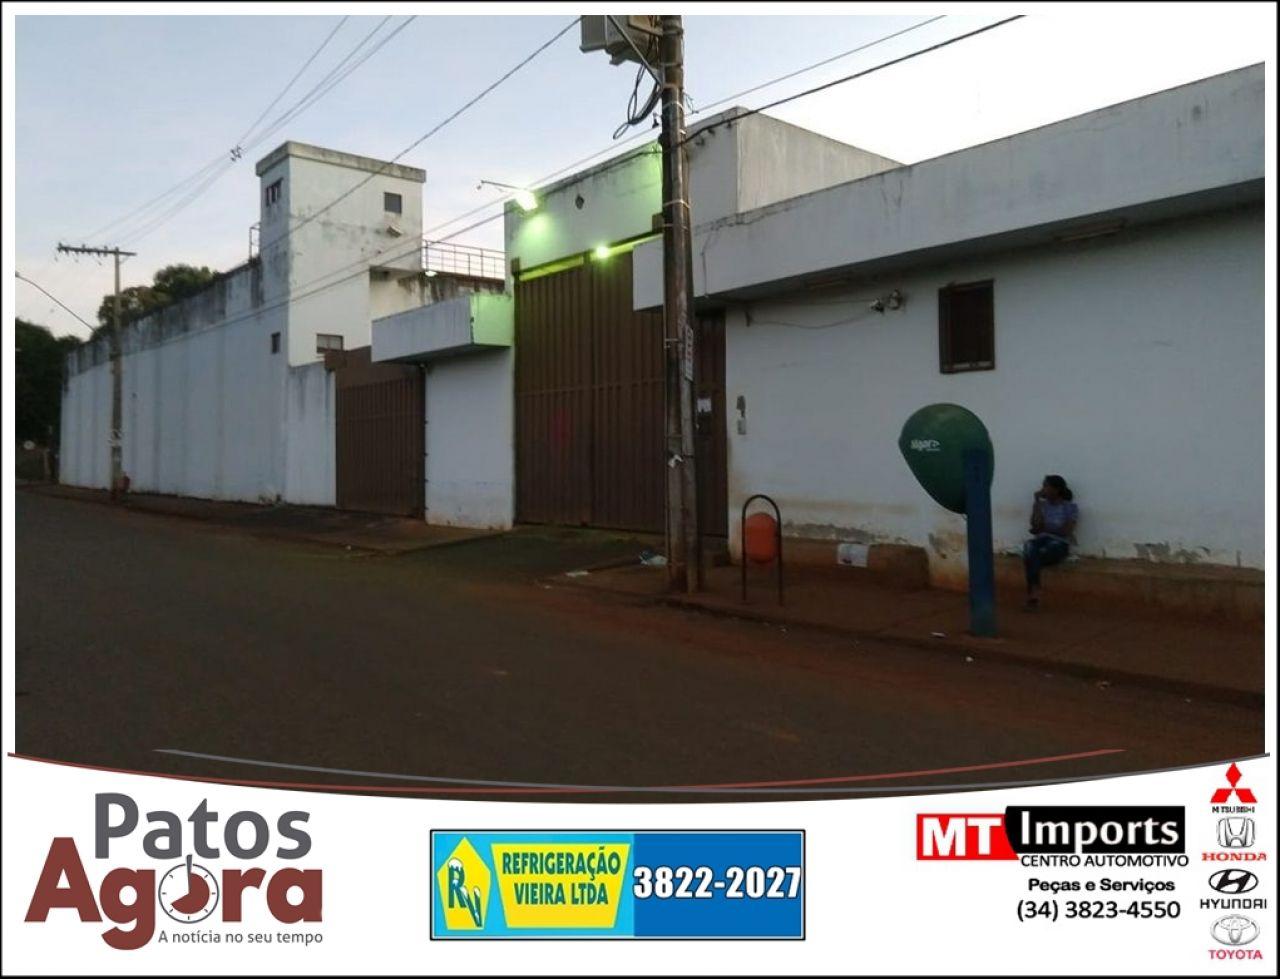 Família recebe indenização por morte de detento em Patos de Minas